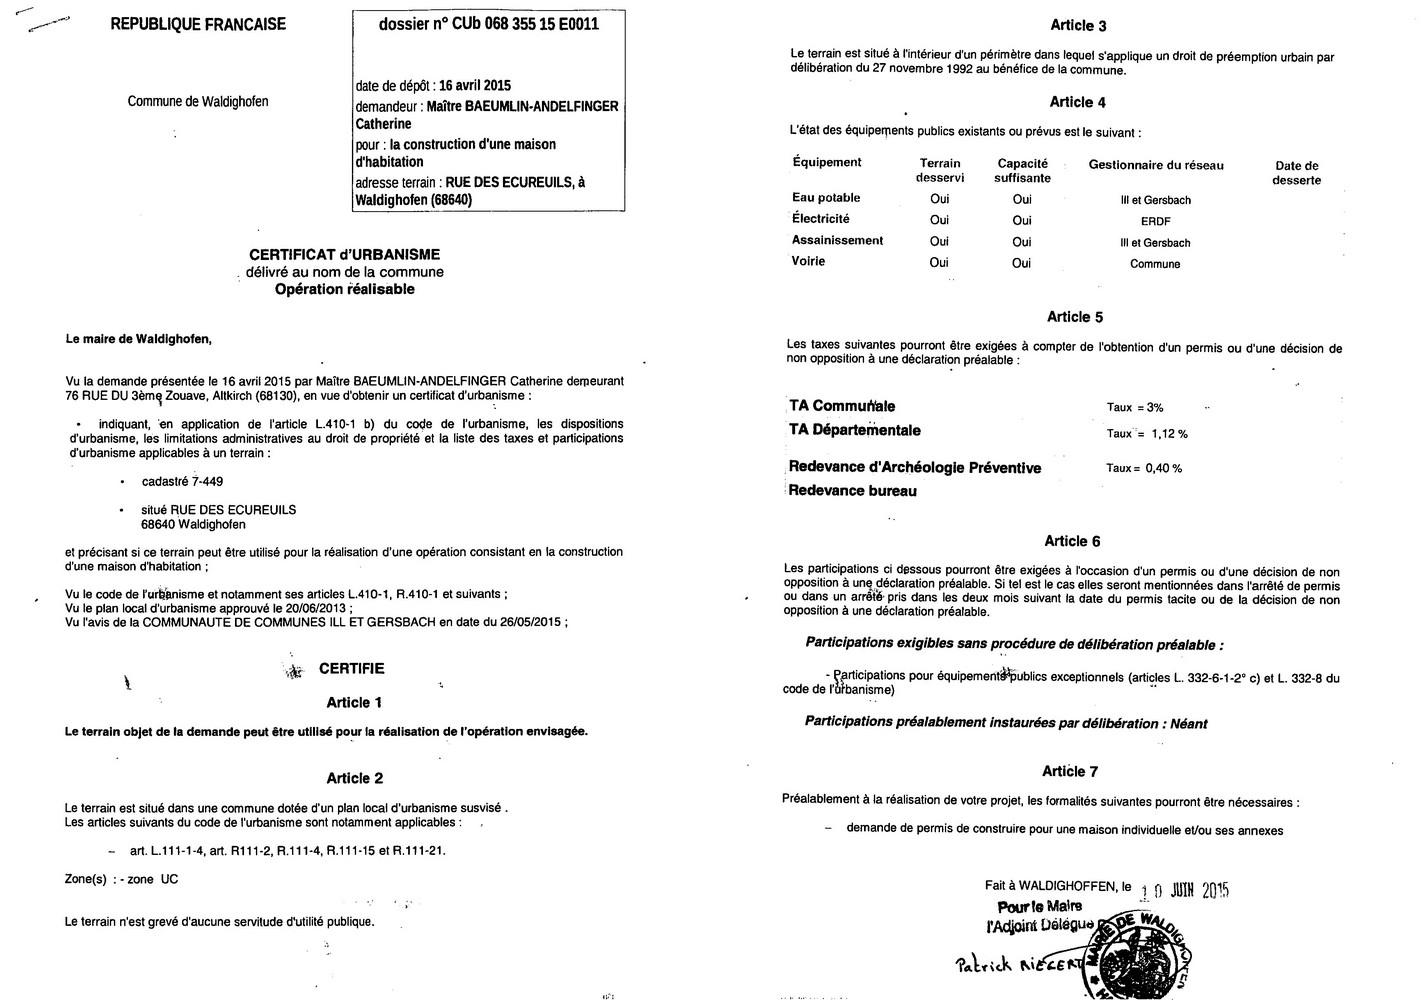 Certificat d'urbanisme délivré à Maître Catherine BAEUMLIN-ANDELFINGER, notaire